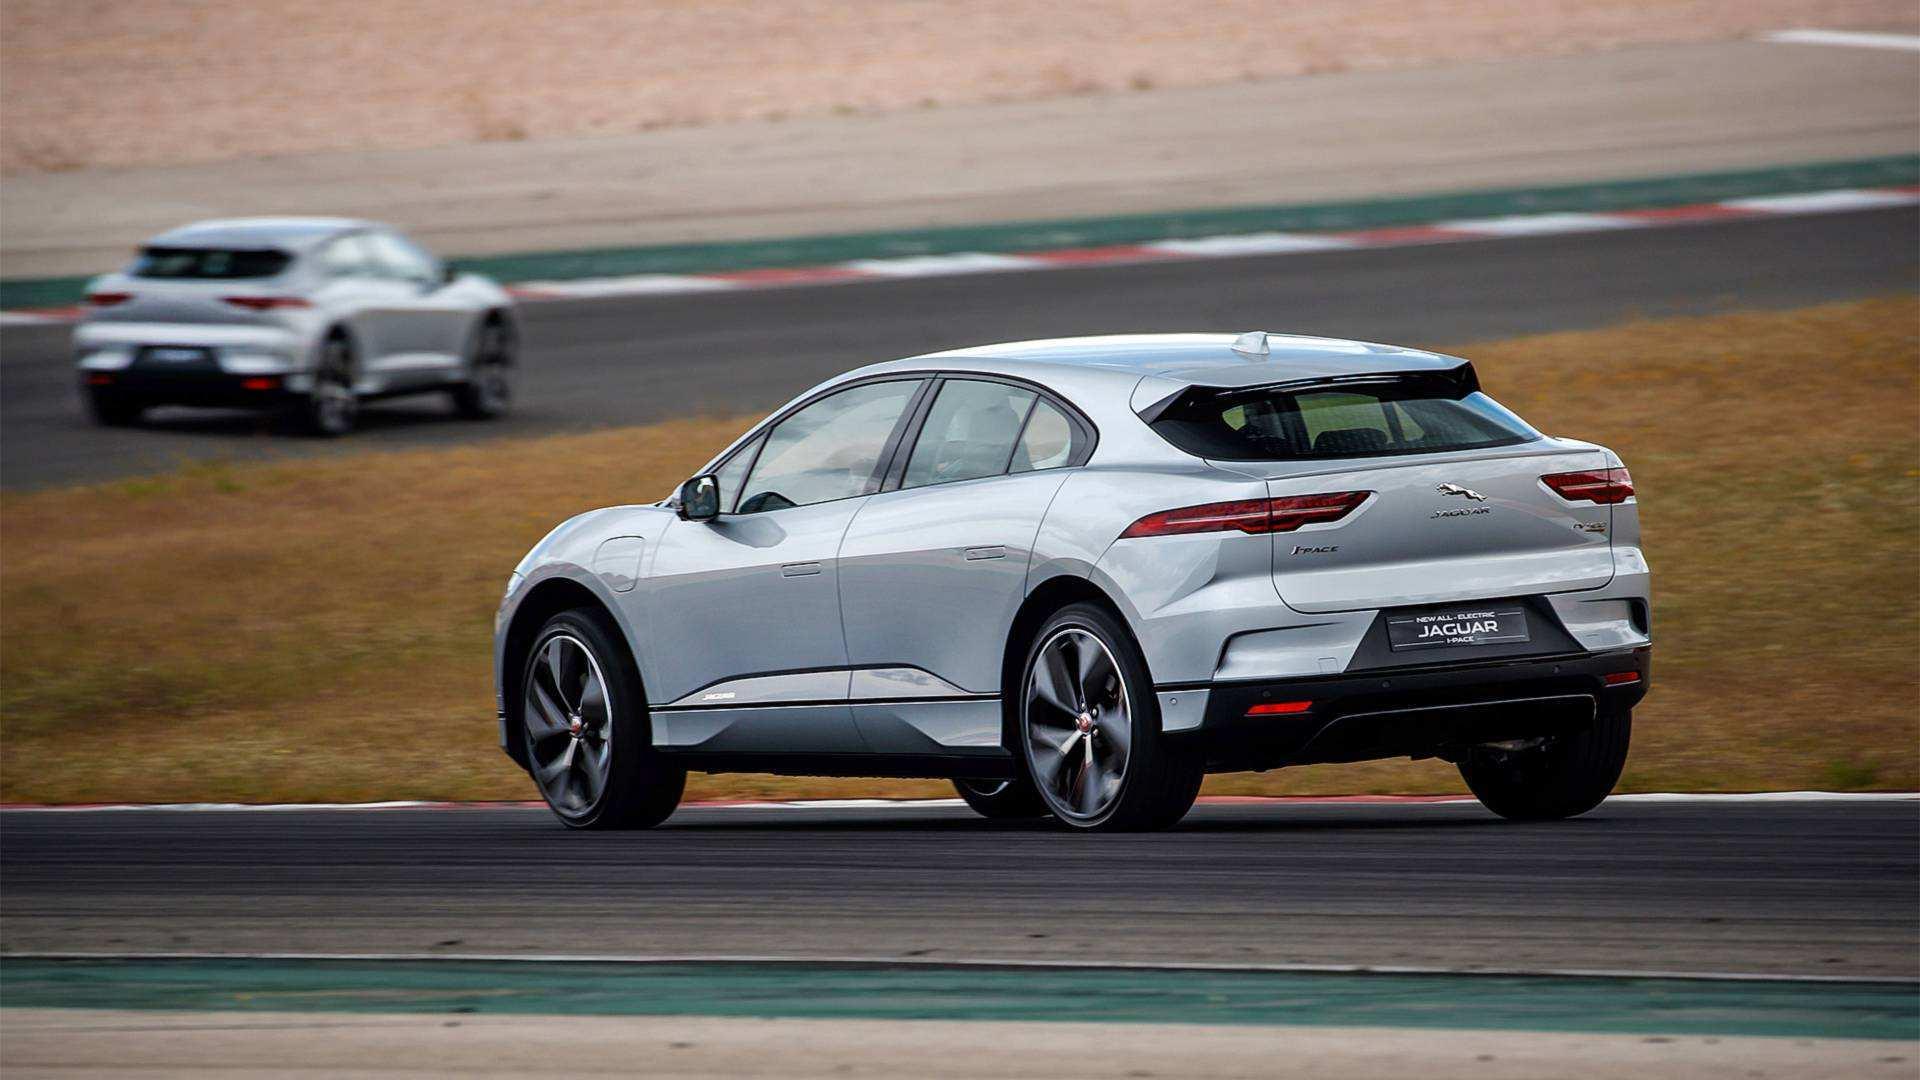 49 The 2019 Jaguar I Pace Picture for 2019 Jaguar I Pace